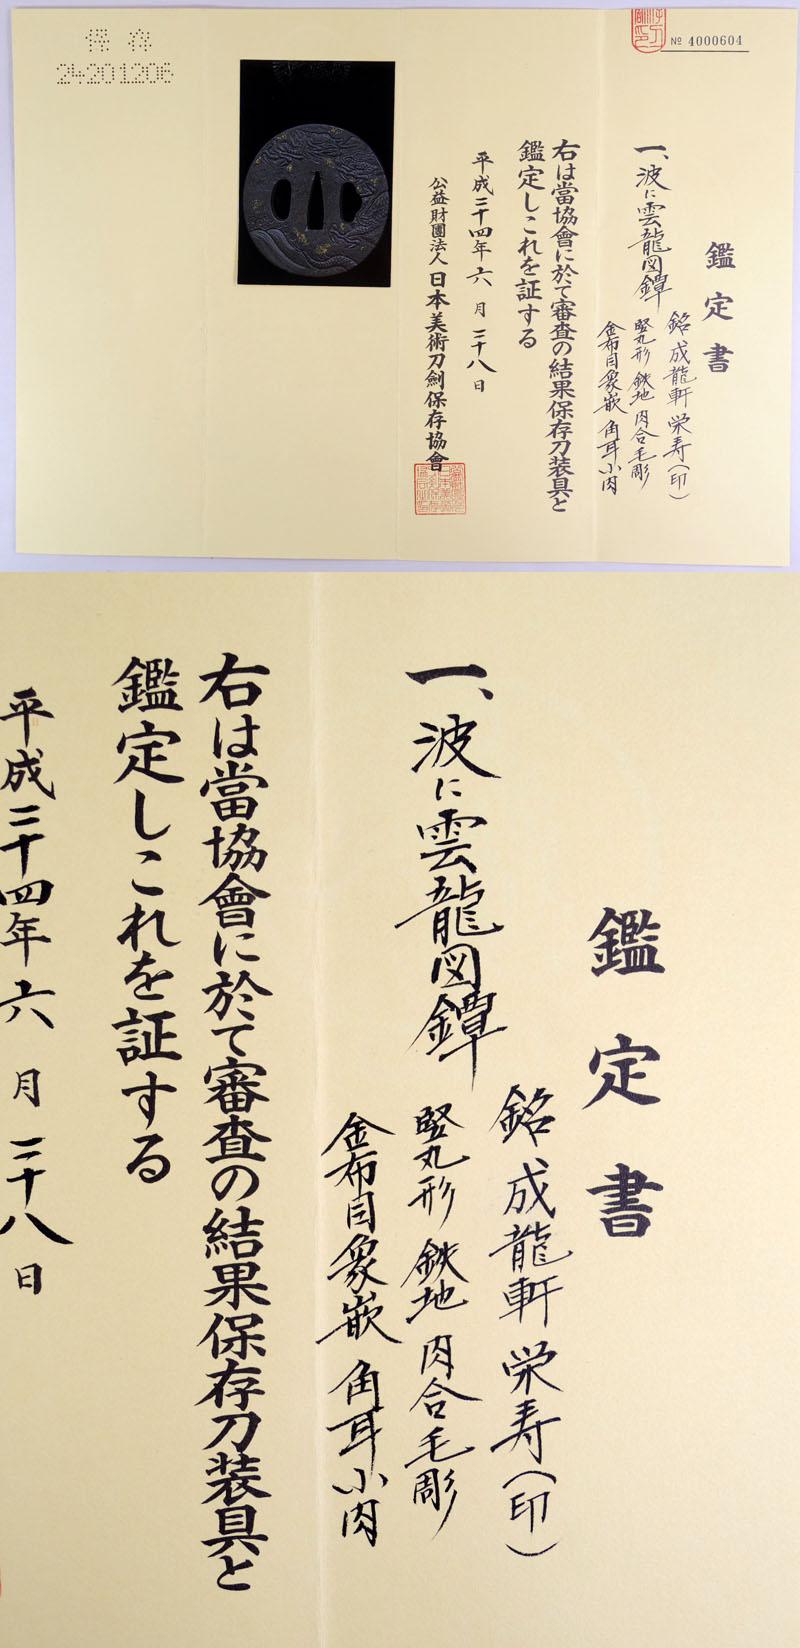 波に雲龍図鍔 成龍軒 栄寿(印) Picture of Certificate